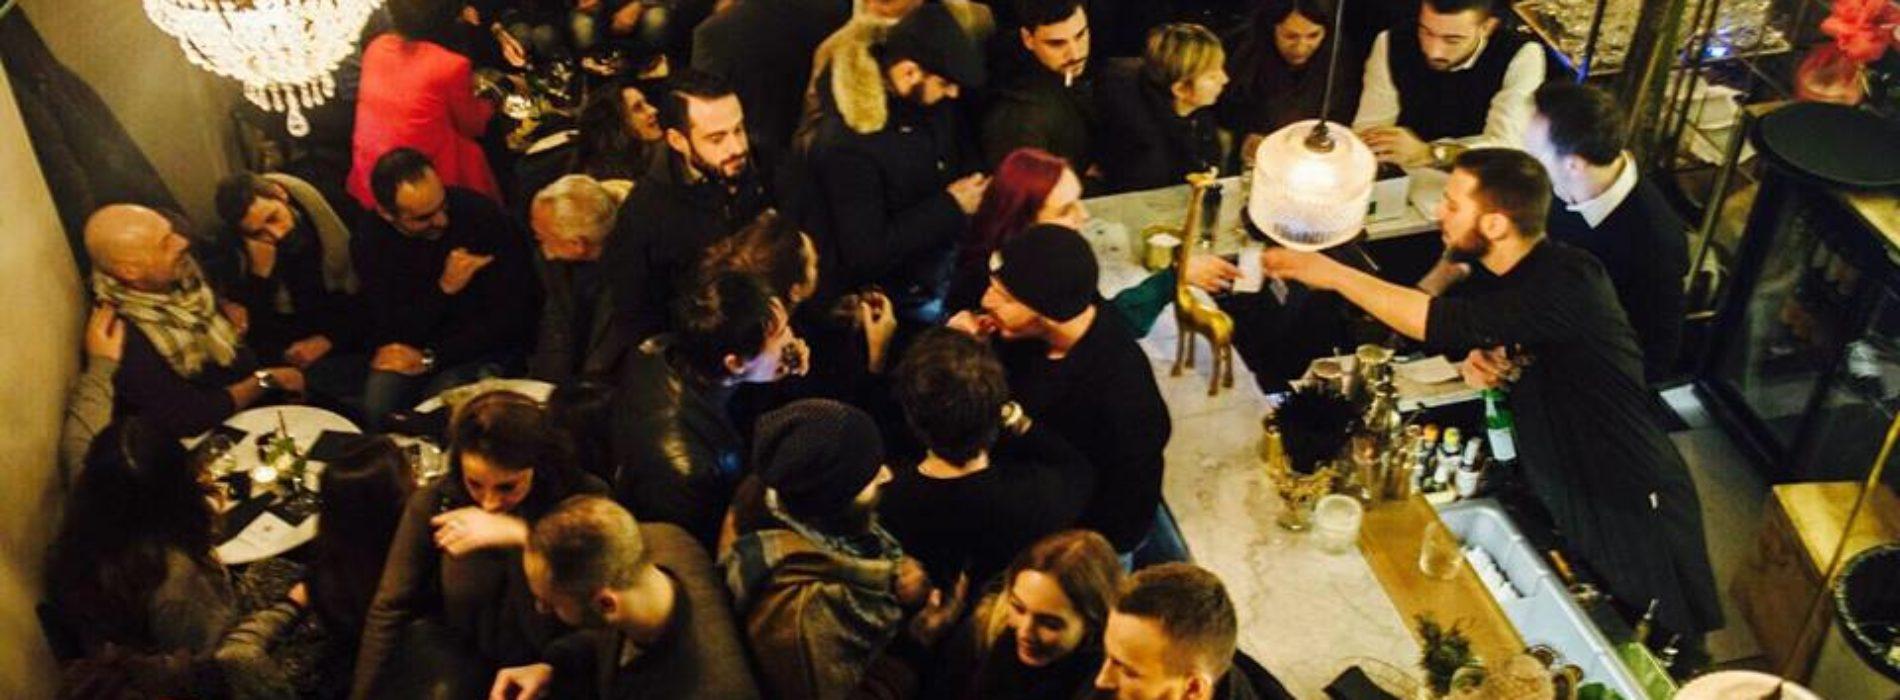 Dove mangiare a Montesacro, tre nuovi locali e ristoranti da provare